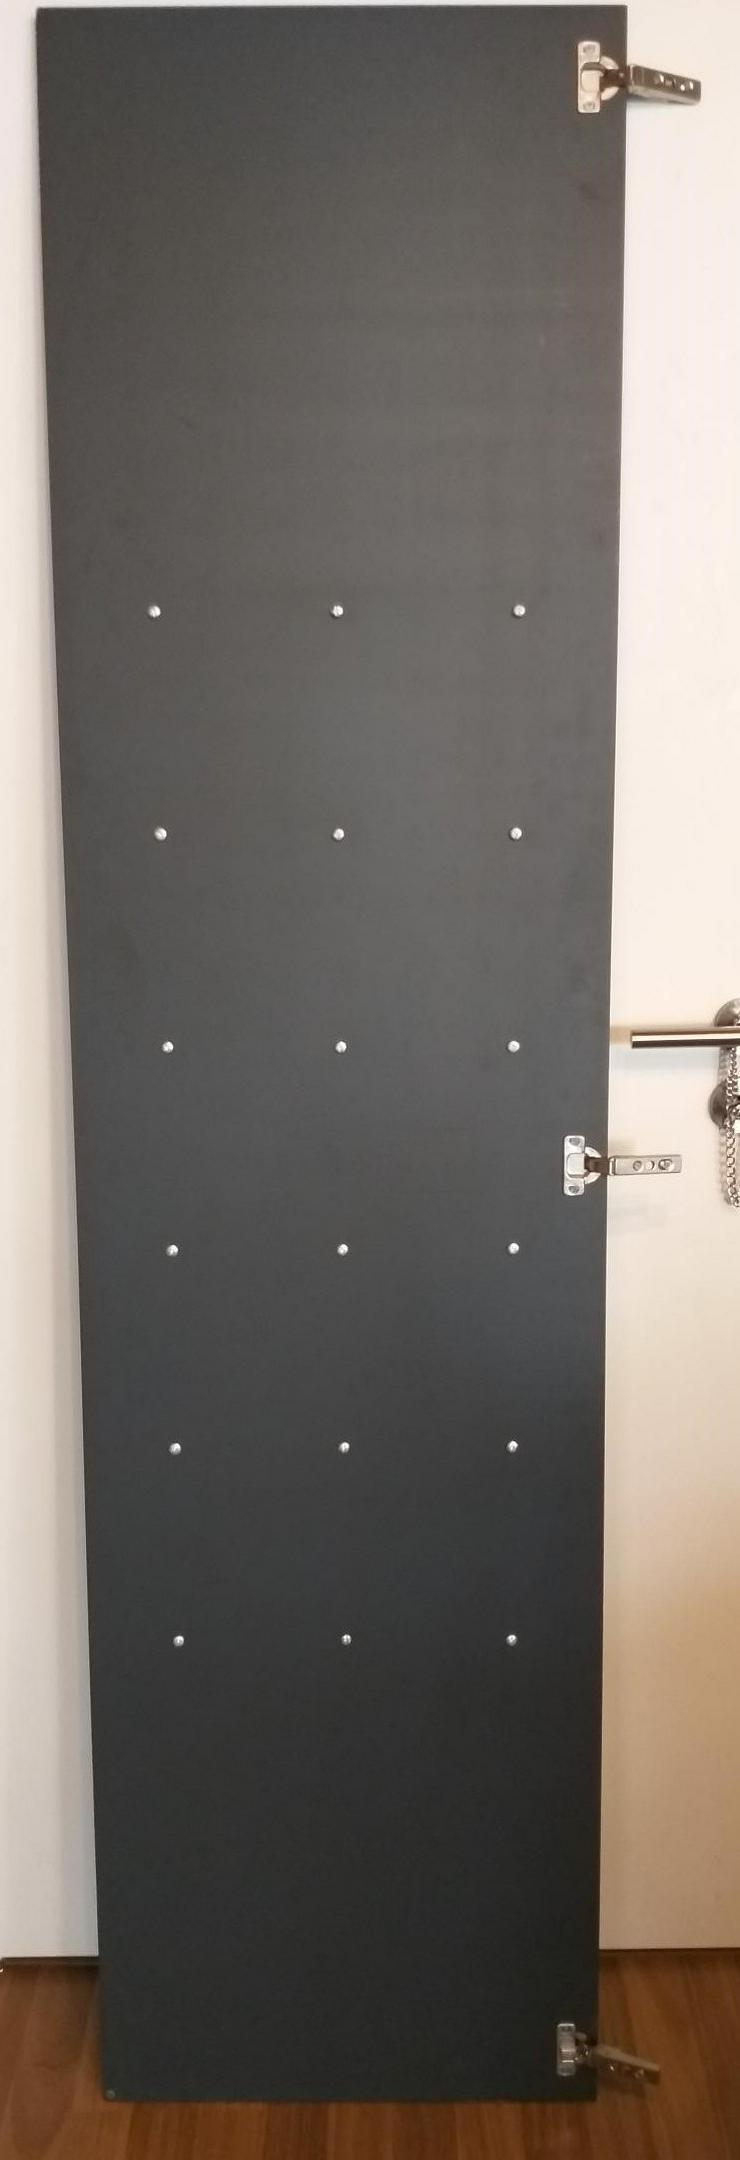 Bild 2: IKEA Pax Tür mit Haken und Scharniere (Stauraum)